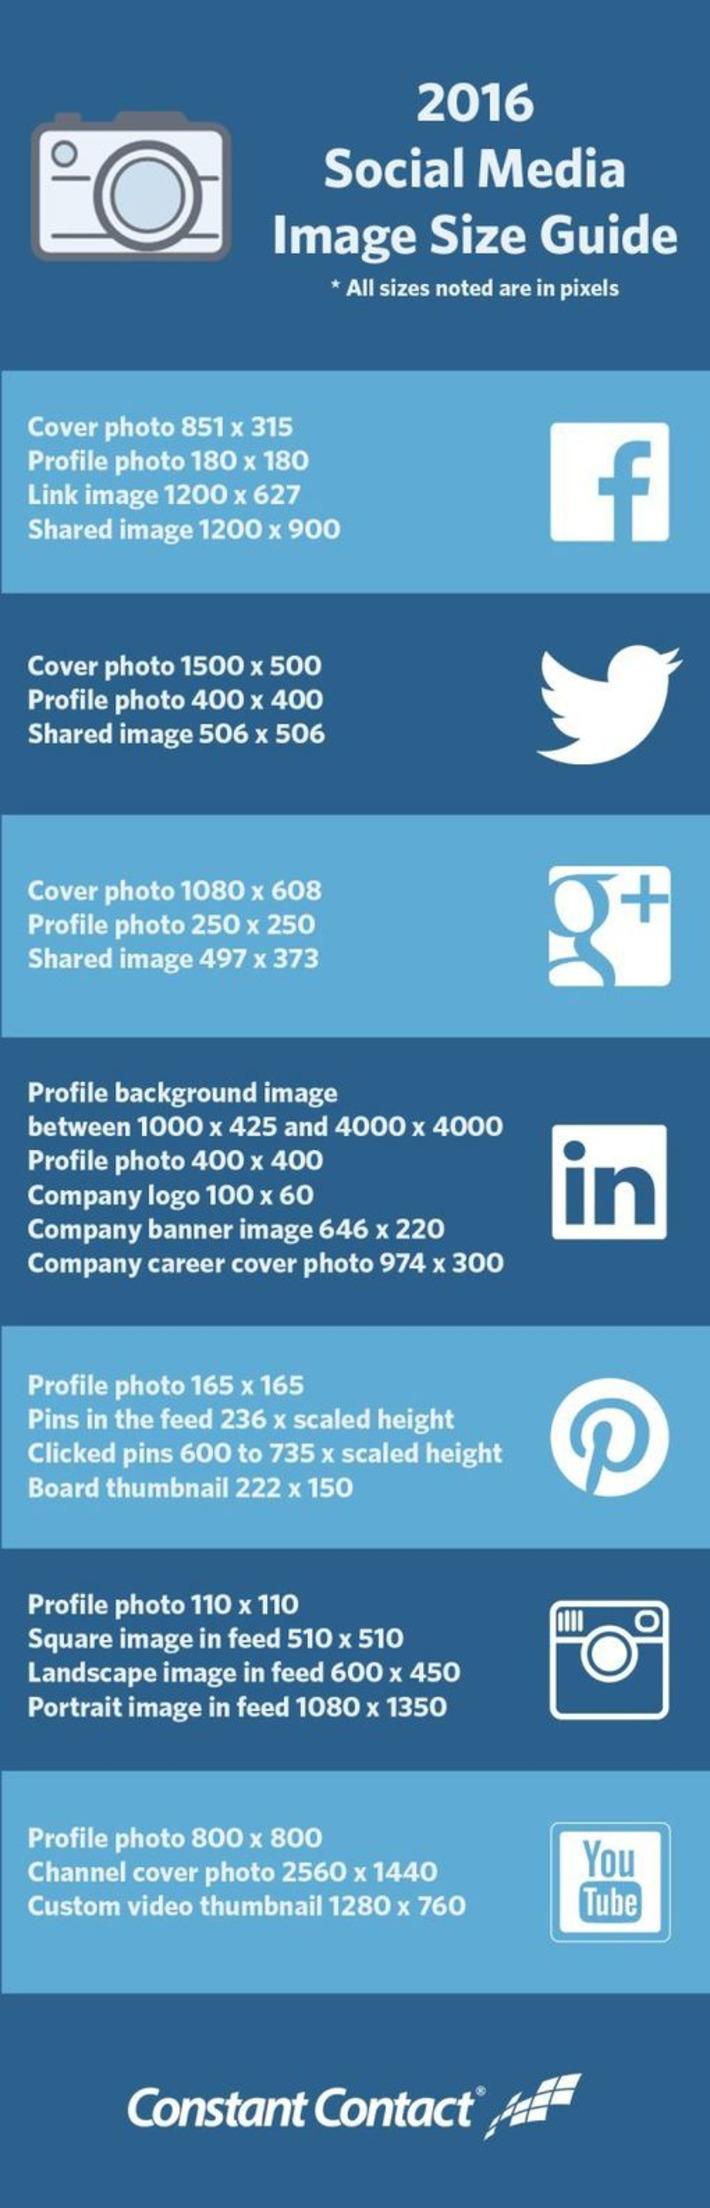 Guide des tailles d'images pour les réseaux sociaux en 2016 #SMO | TIC et TICE mais... en français | Scoop.it